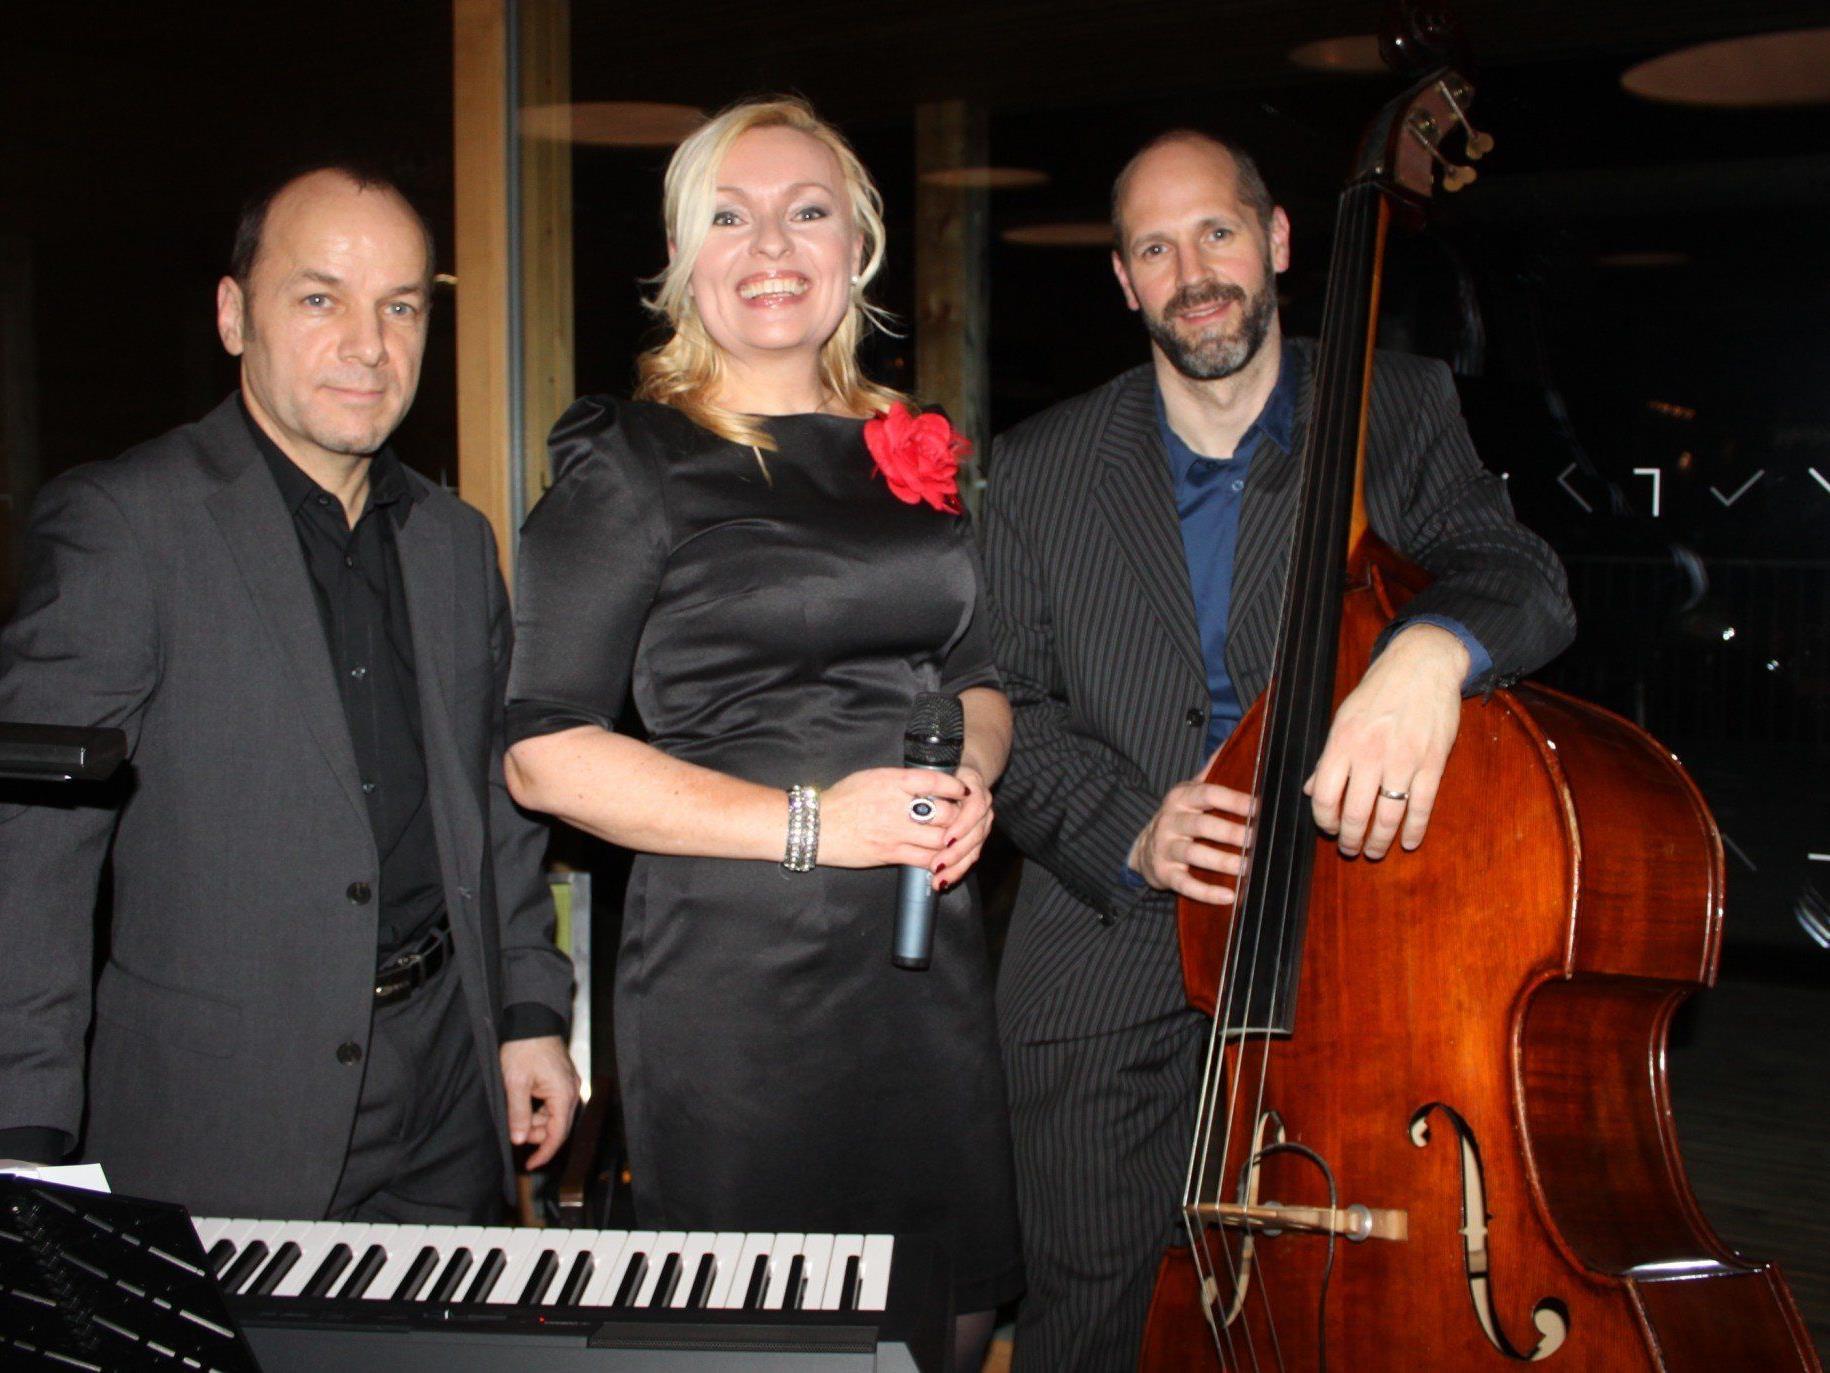 Christine Nachbauer und ihre Band mit Marcel Schefer am Piano und Stefan Reinthaler am Kontrabass im Badehaus am Lochauer Kaiserstrand.